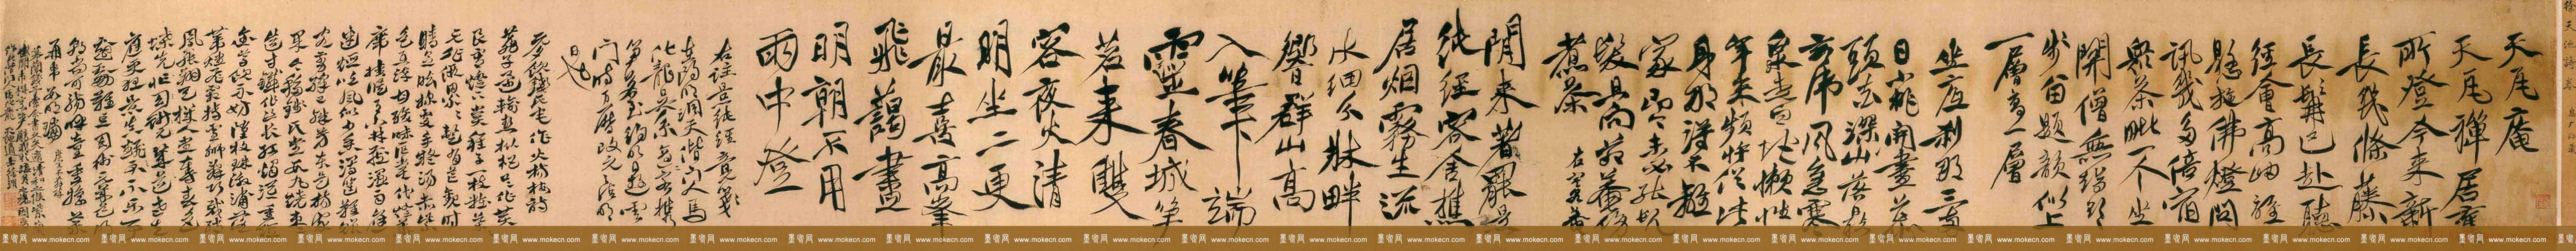 明代徐渭行草书法欣赏《天瓦庵诗卷》